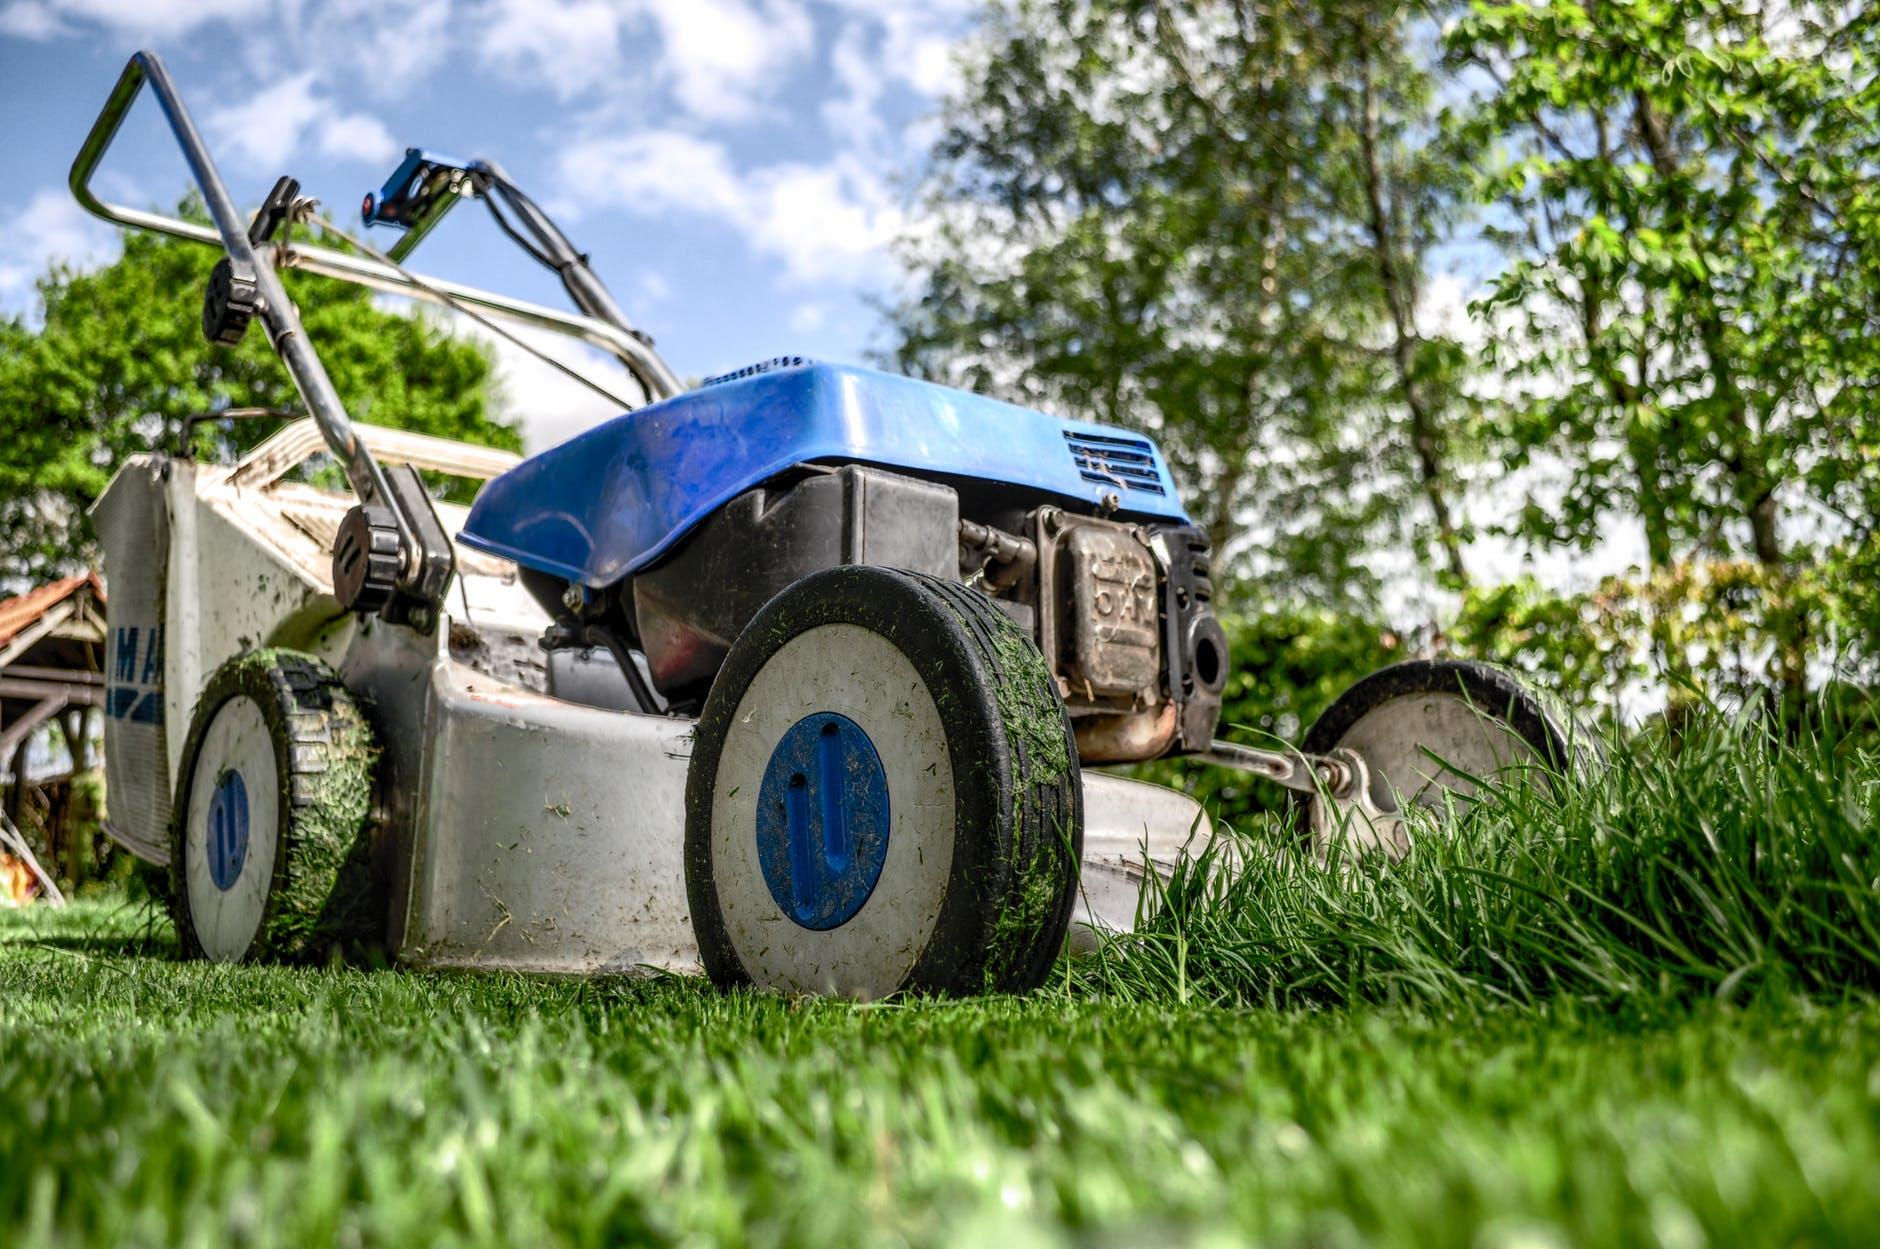 כמה באמת עולה להתקין דשא סינטטי בבית?